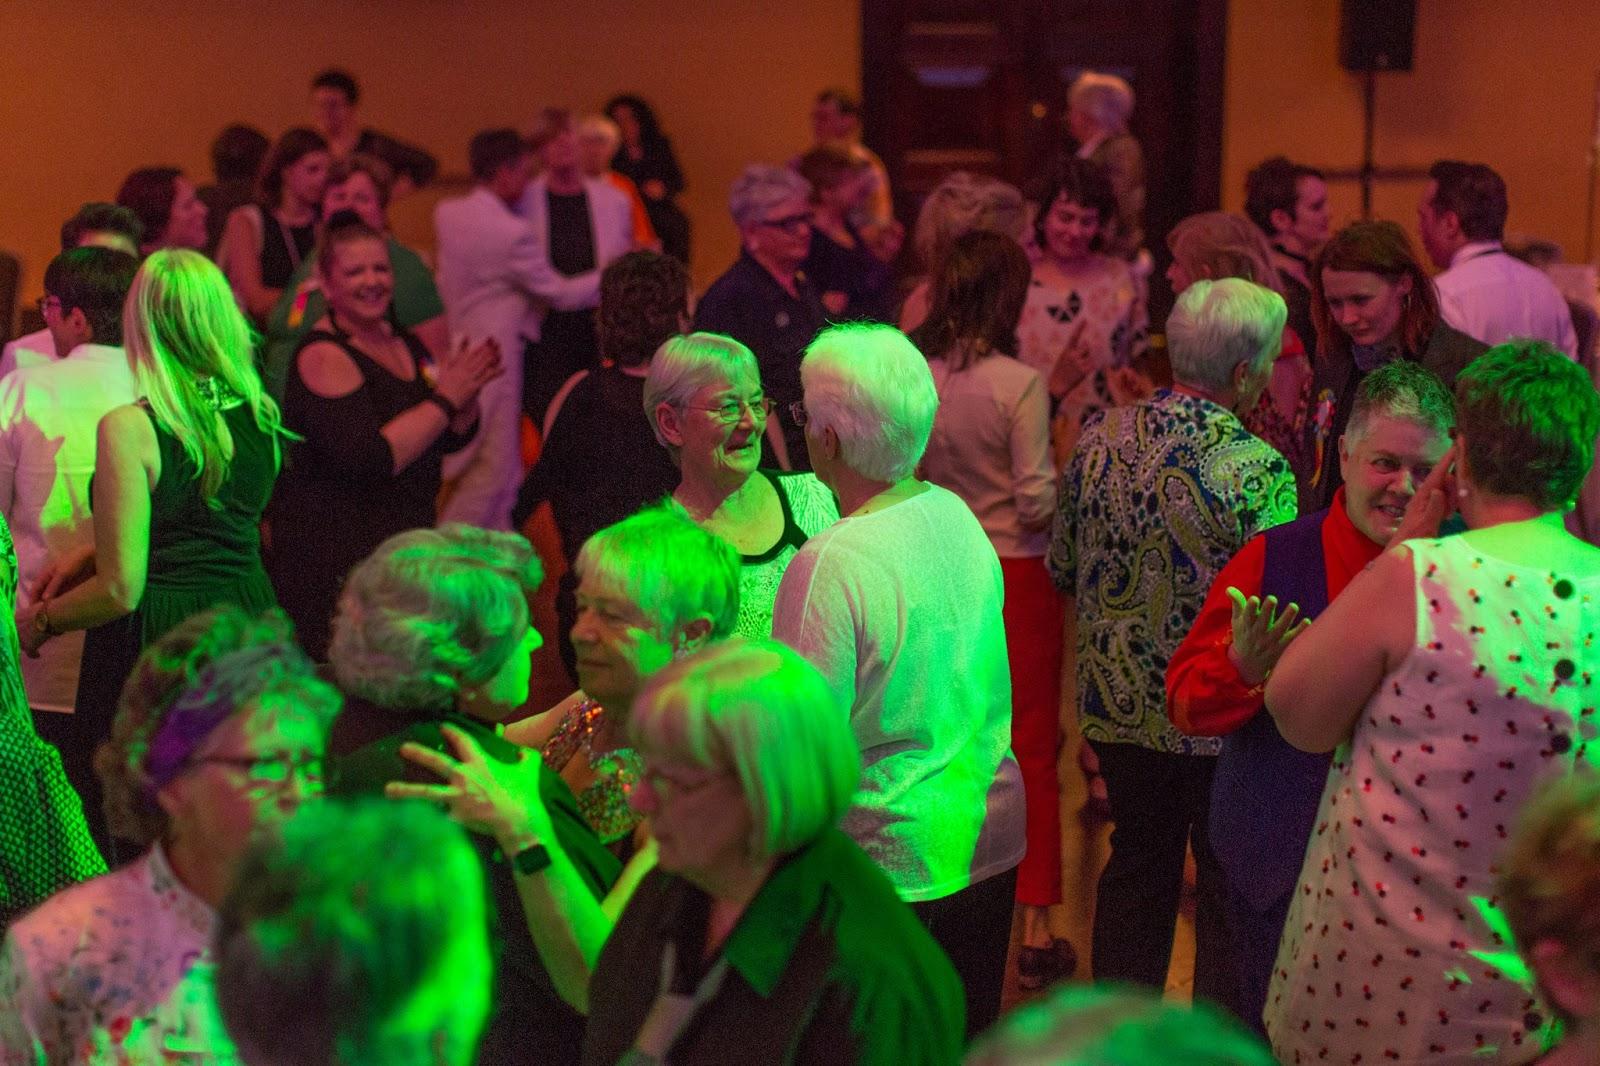 Baile faz apelo para que pessoas LGBT idosas não voltem para o armário